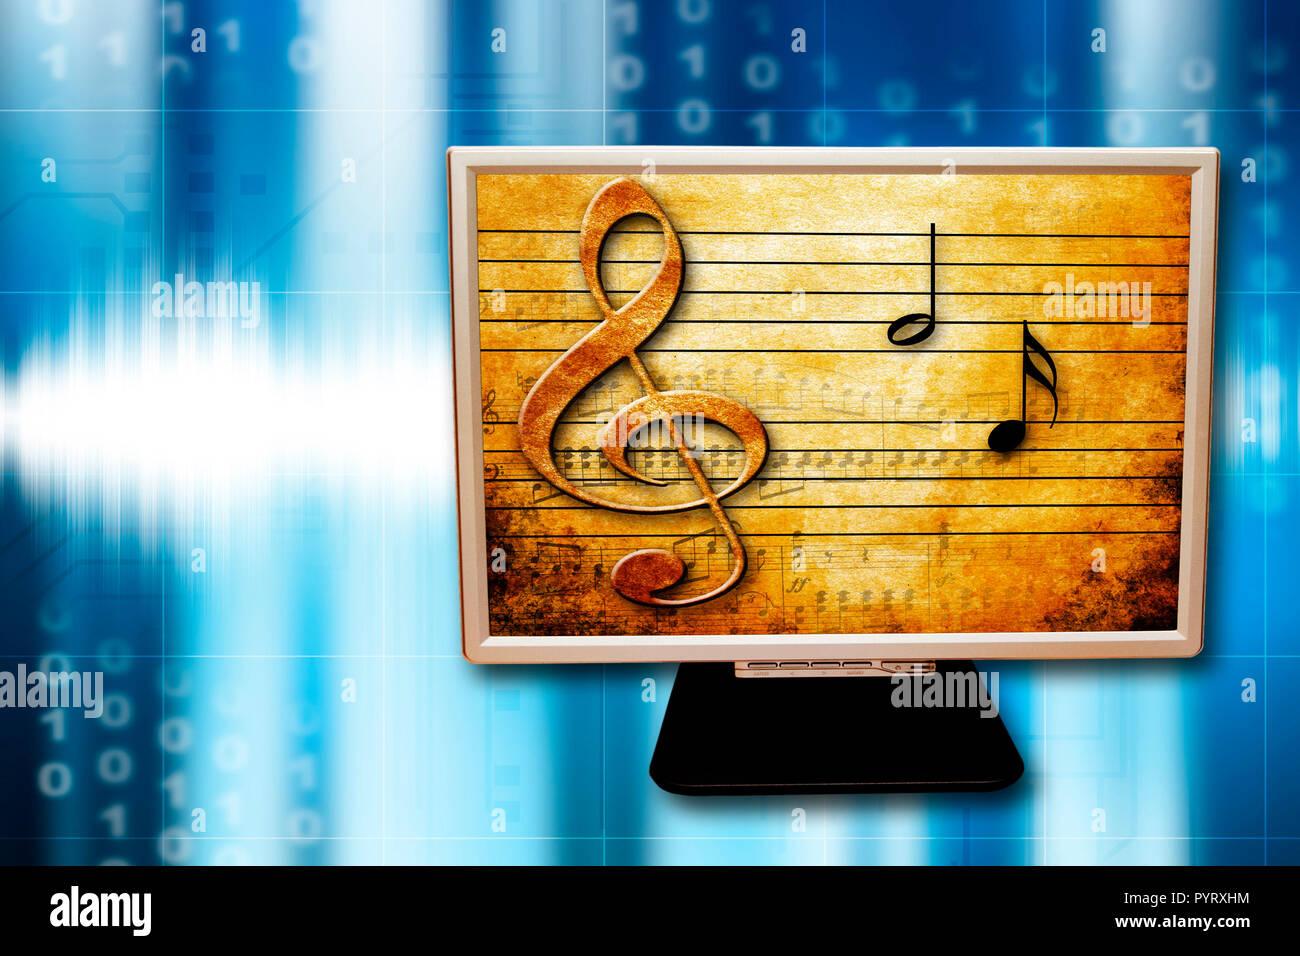 Illustration conceptuelle pour la musique sur Internet Photo Stock